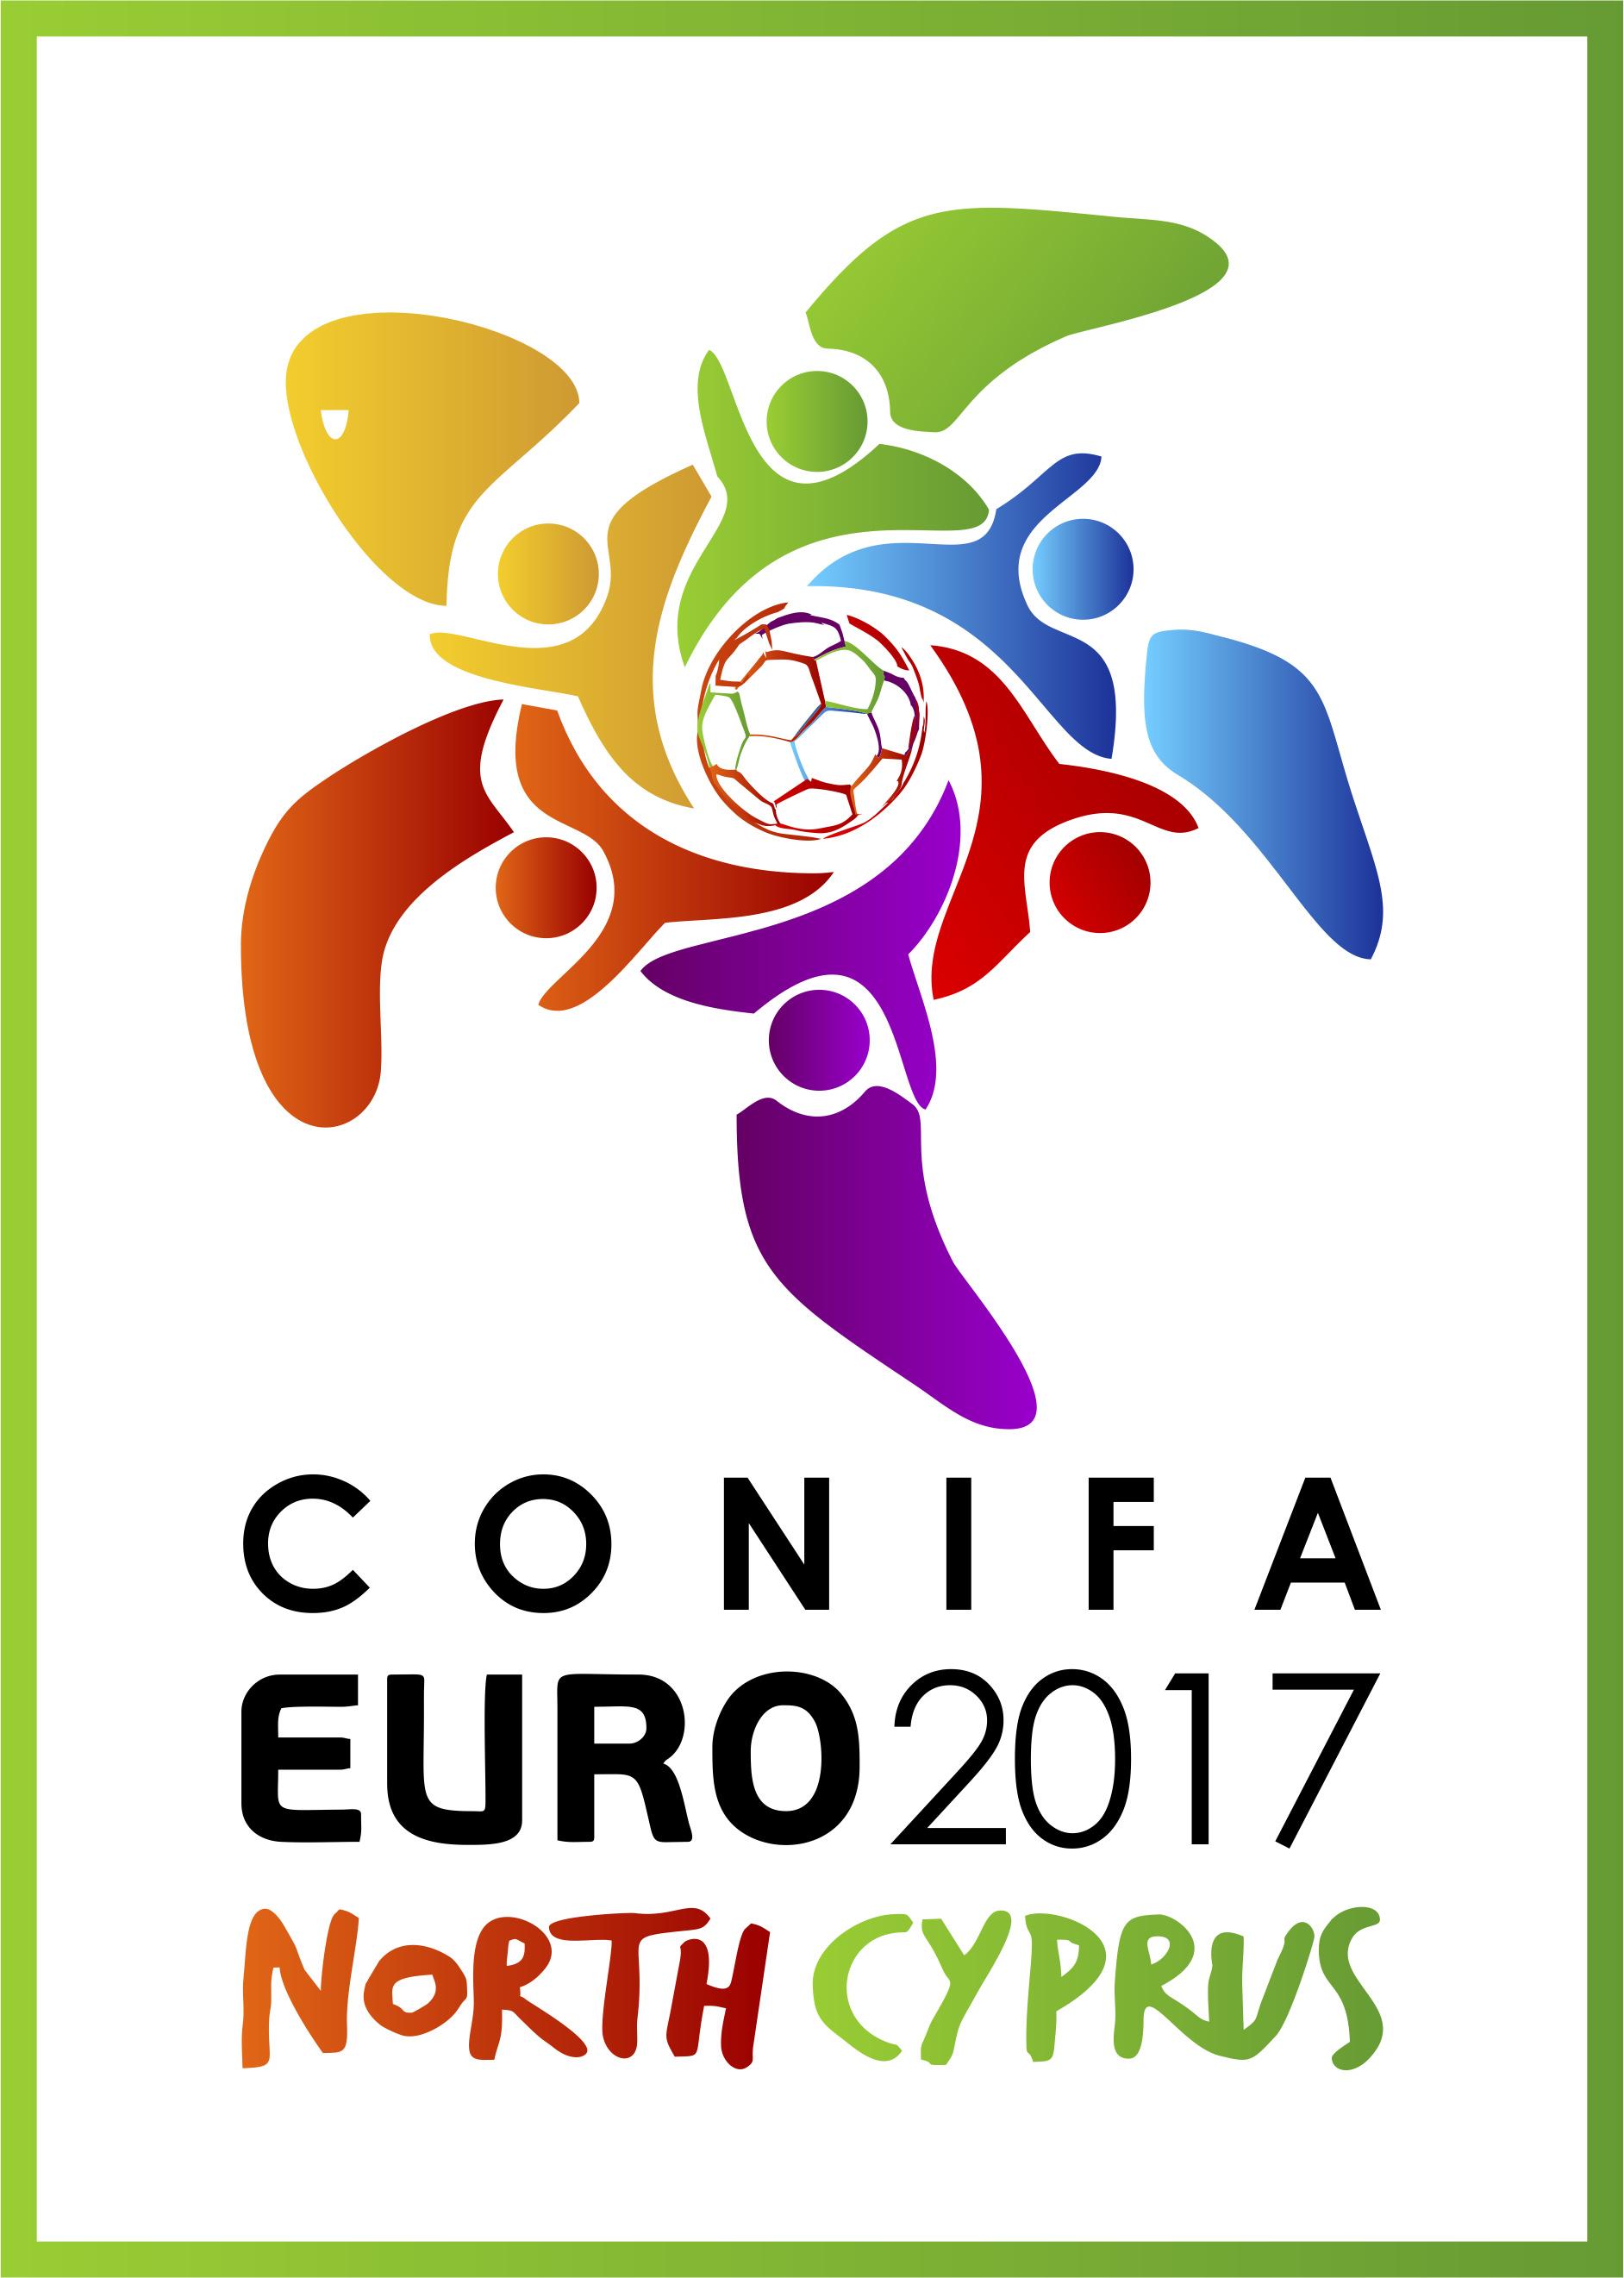 CONIFA'da maç programları belirlendi